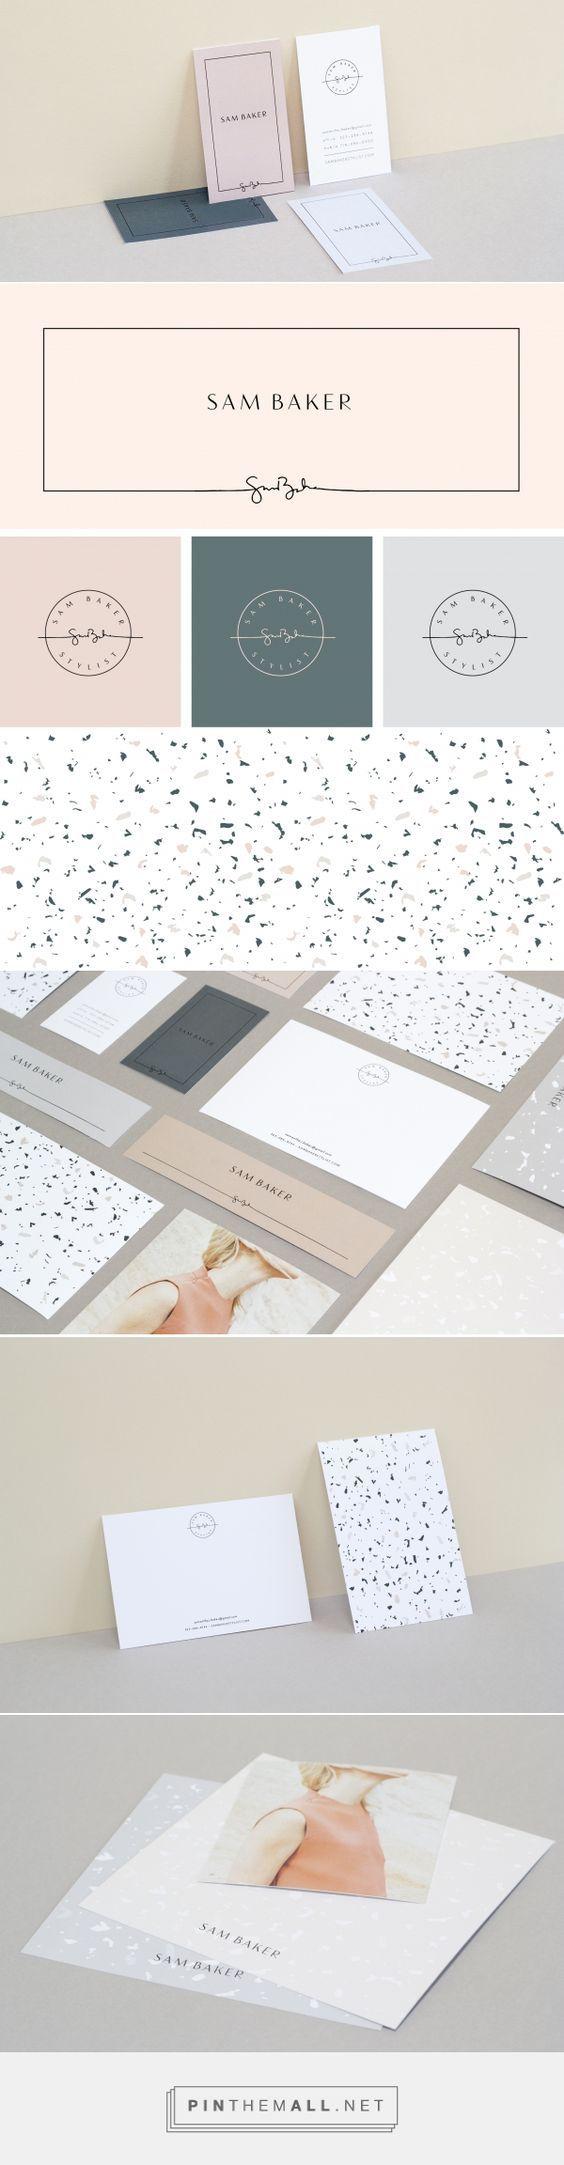 Sam Baker Branding by Kati Forner | Fivestar Branding – Design and Branding